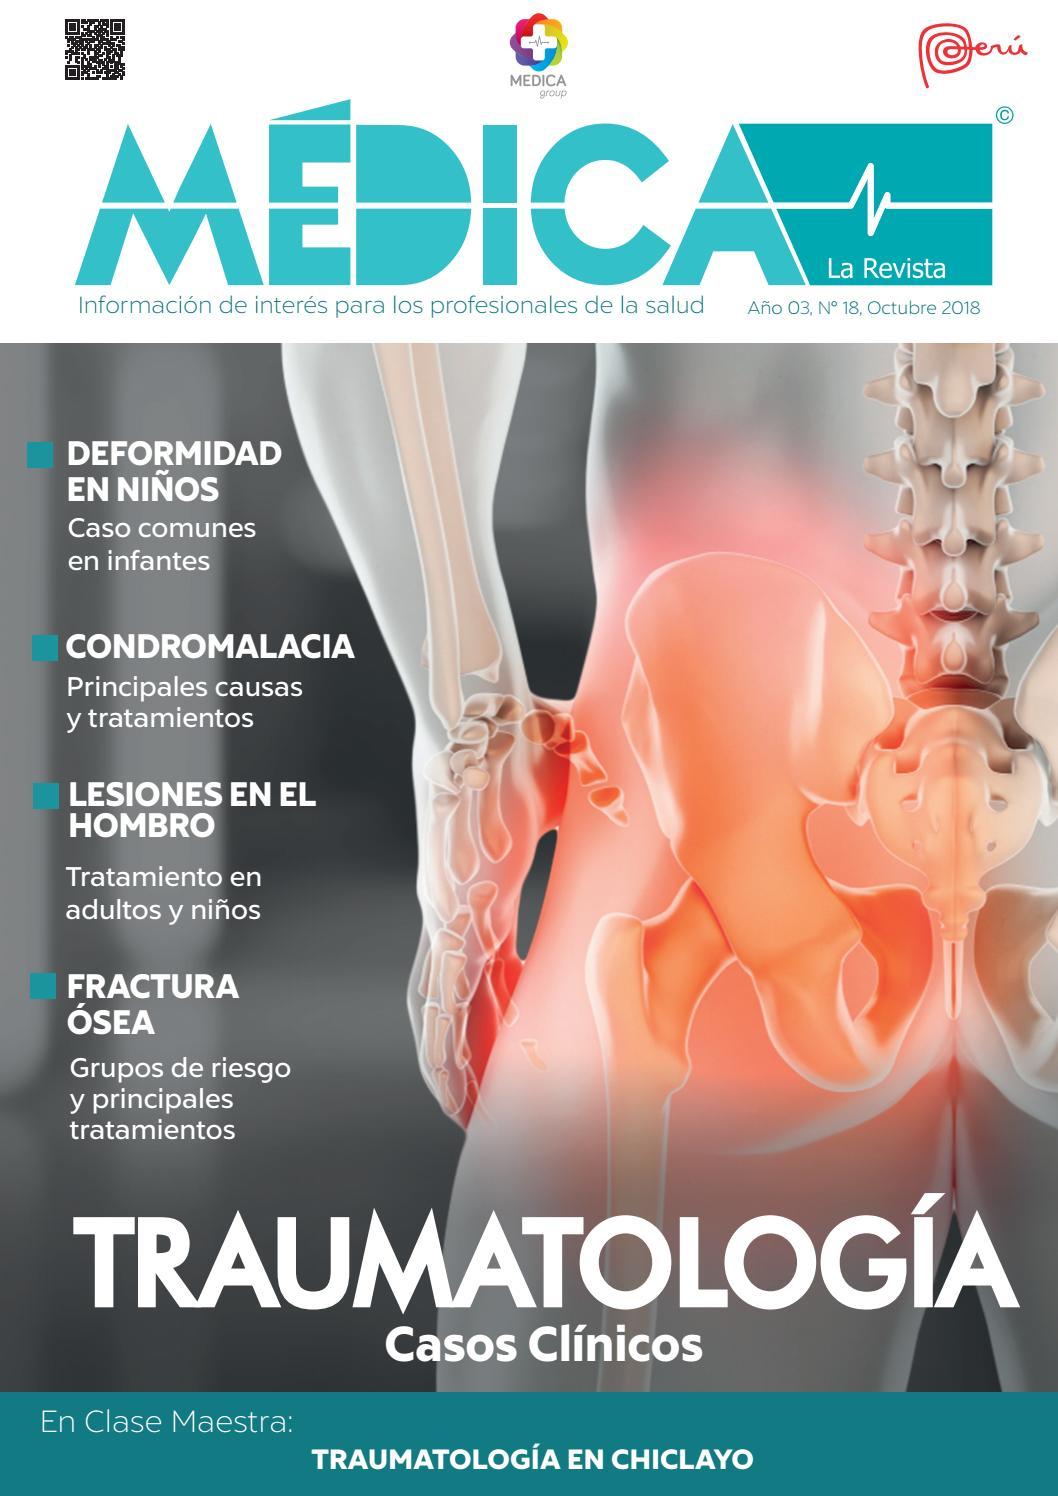 11 tendencias de Traumatologia para explorar | Fractura